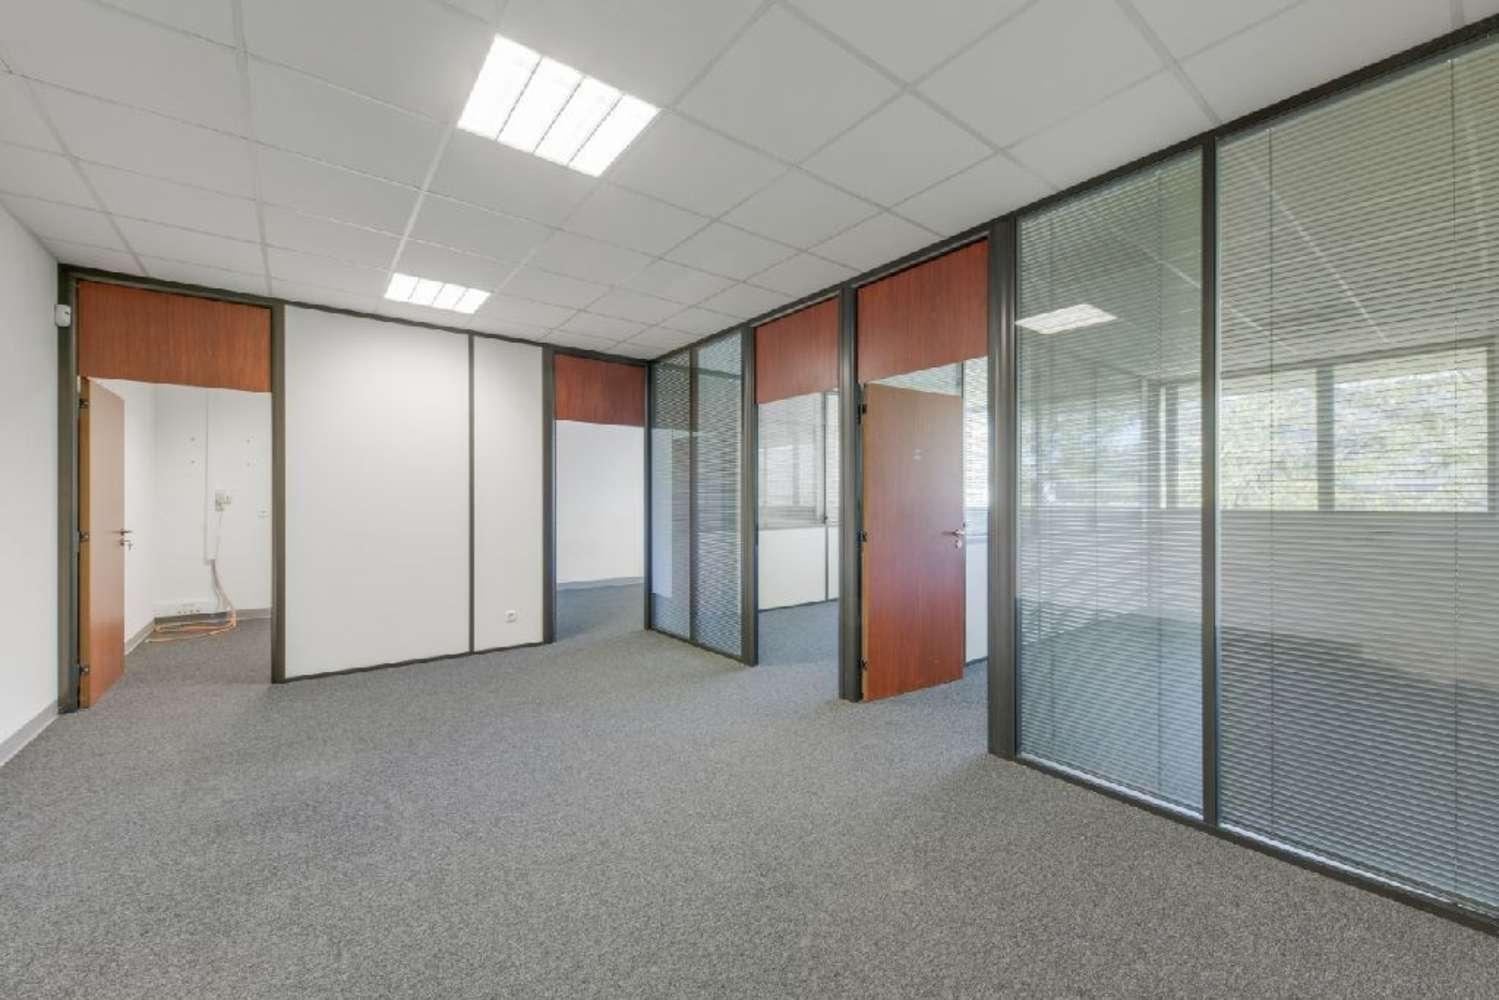 Activités/entrepôt Lisses, 91090 - PARC DU BOIS CHALAND - 9659649